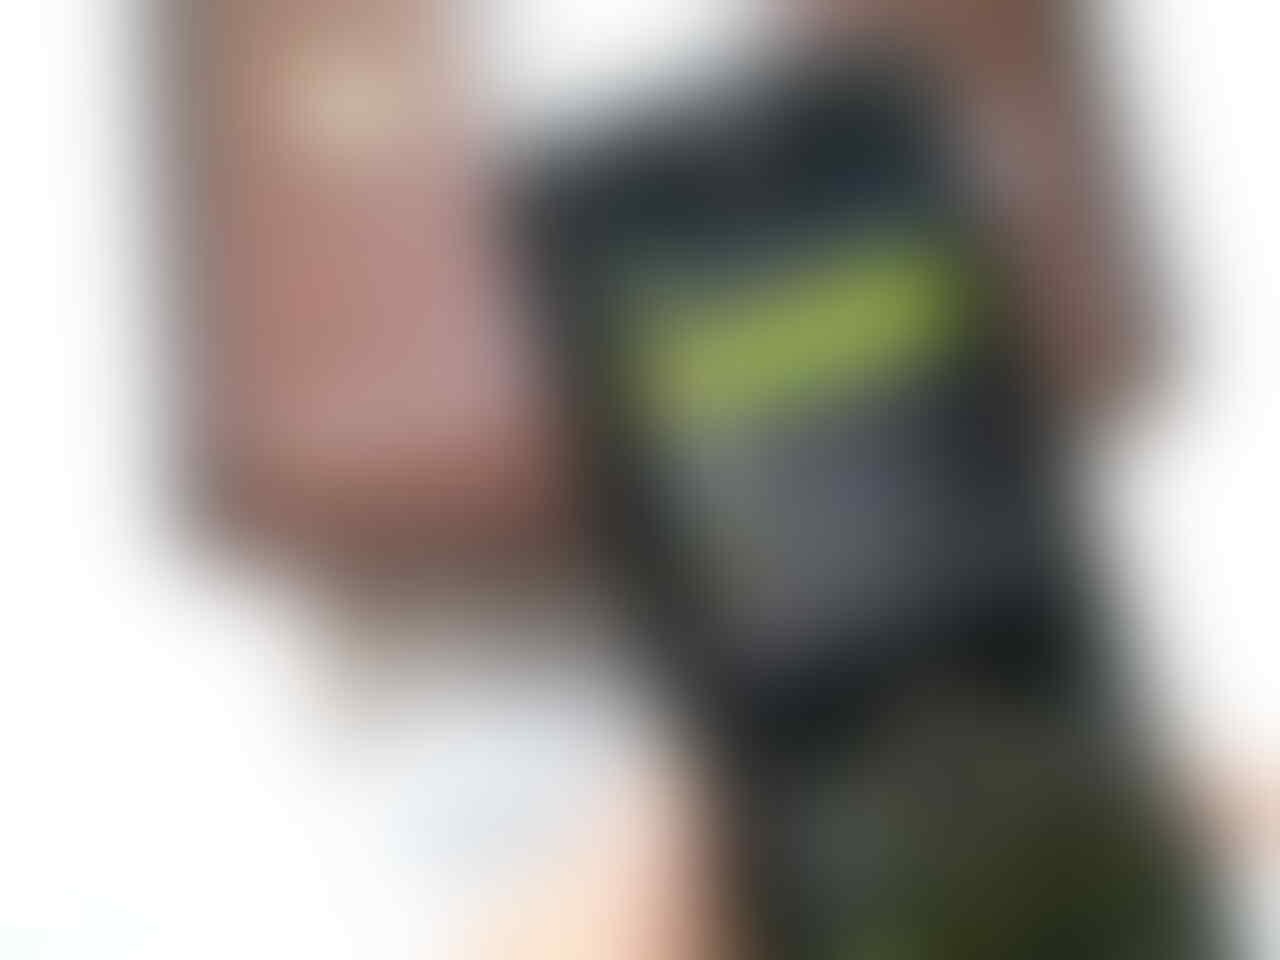 RARE Collector Item Motorola RIZR Z8 KICK Slider BNOS Fullset ORIGINAL from Russia !